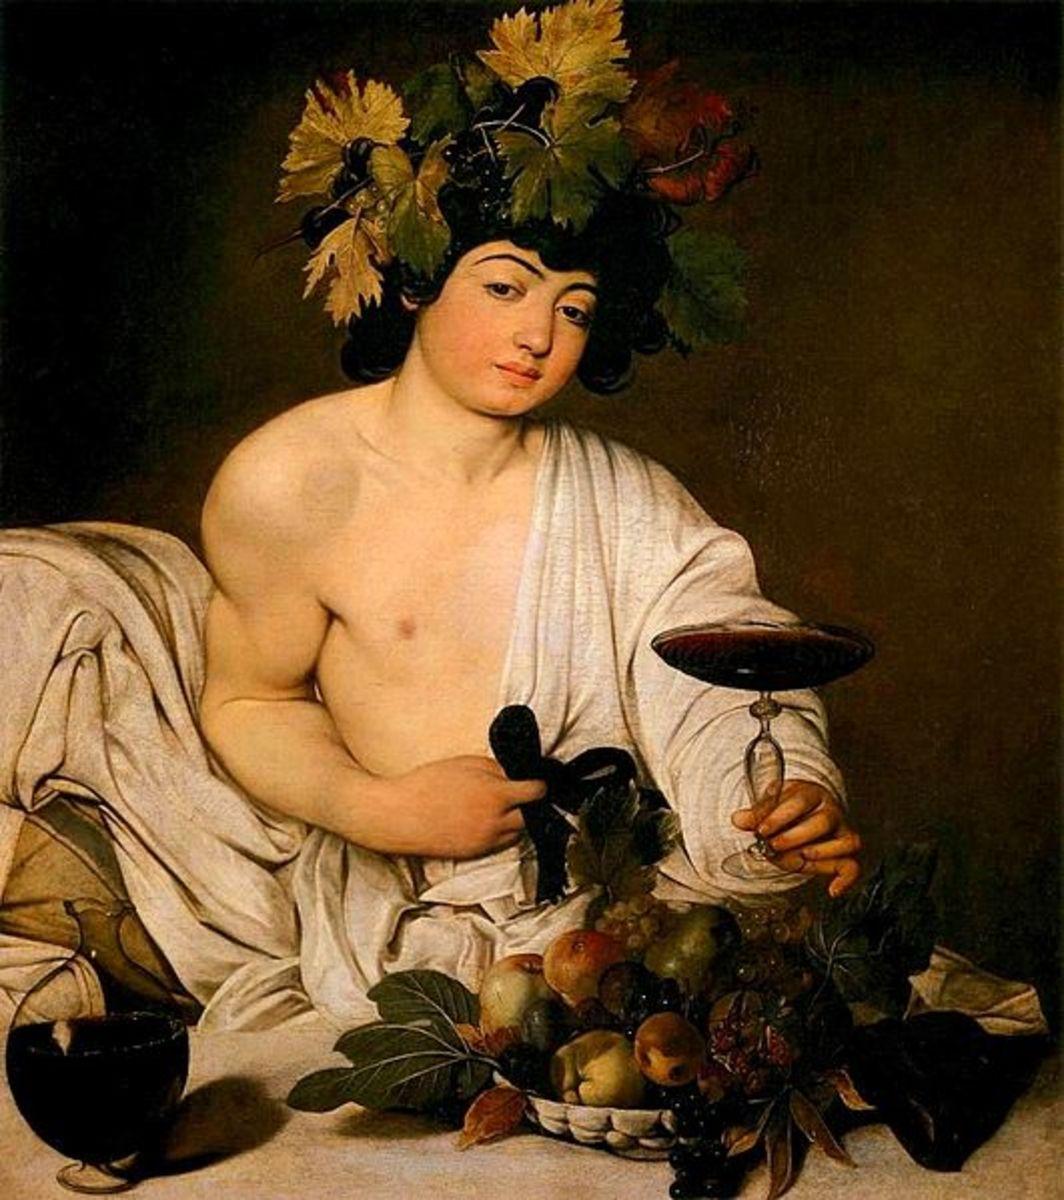 Caravaggio, Bacchus (a. 1596), Florence Uffizi